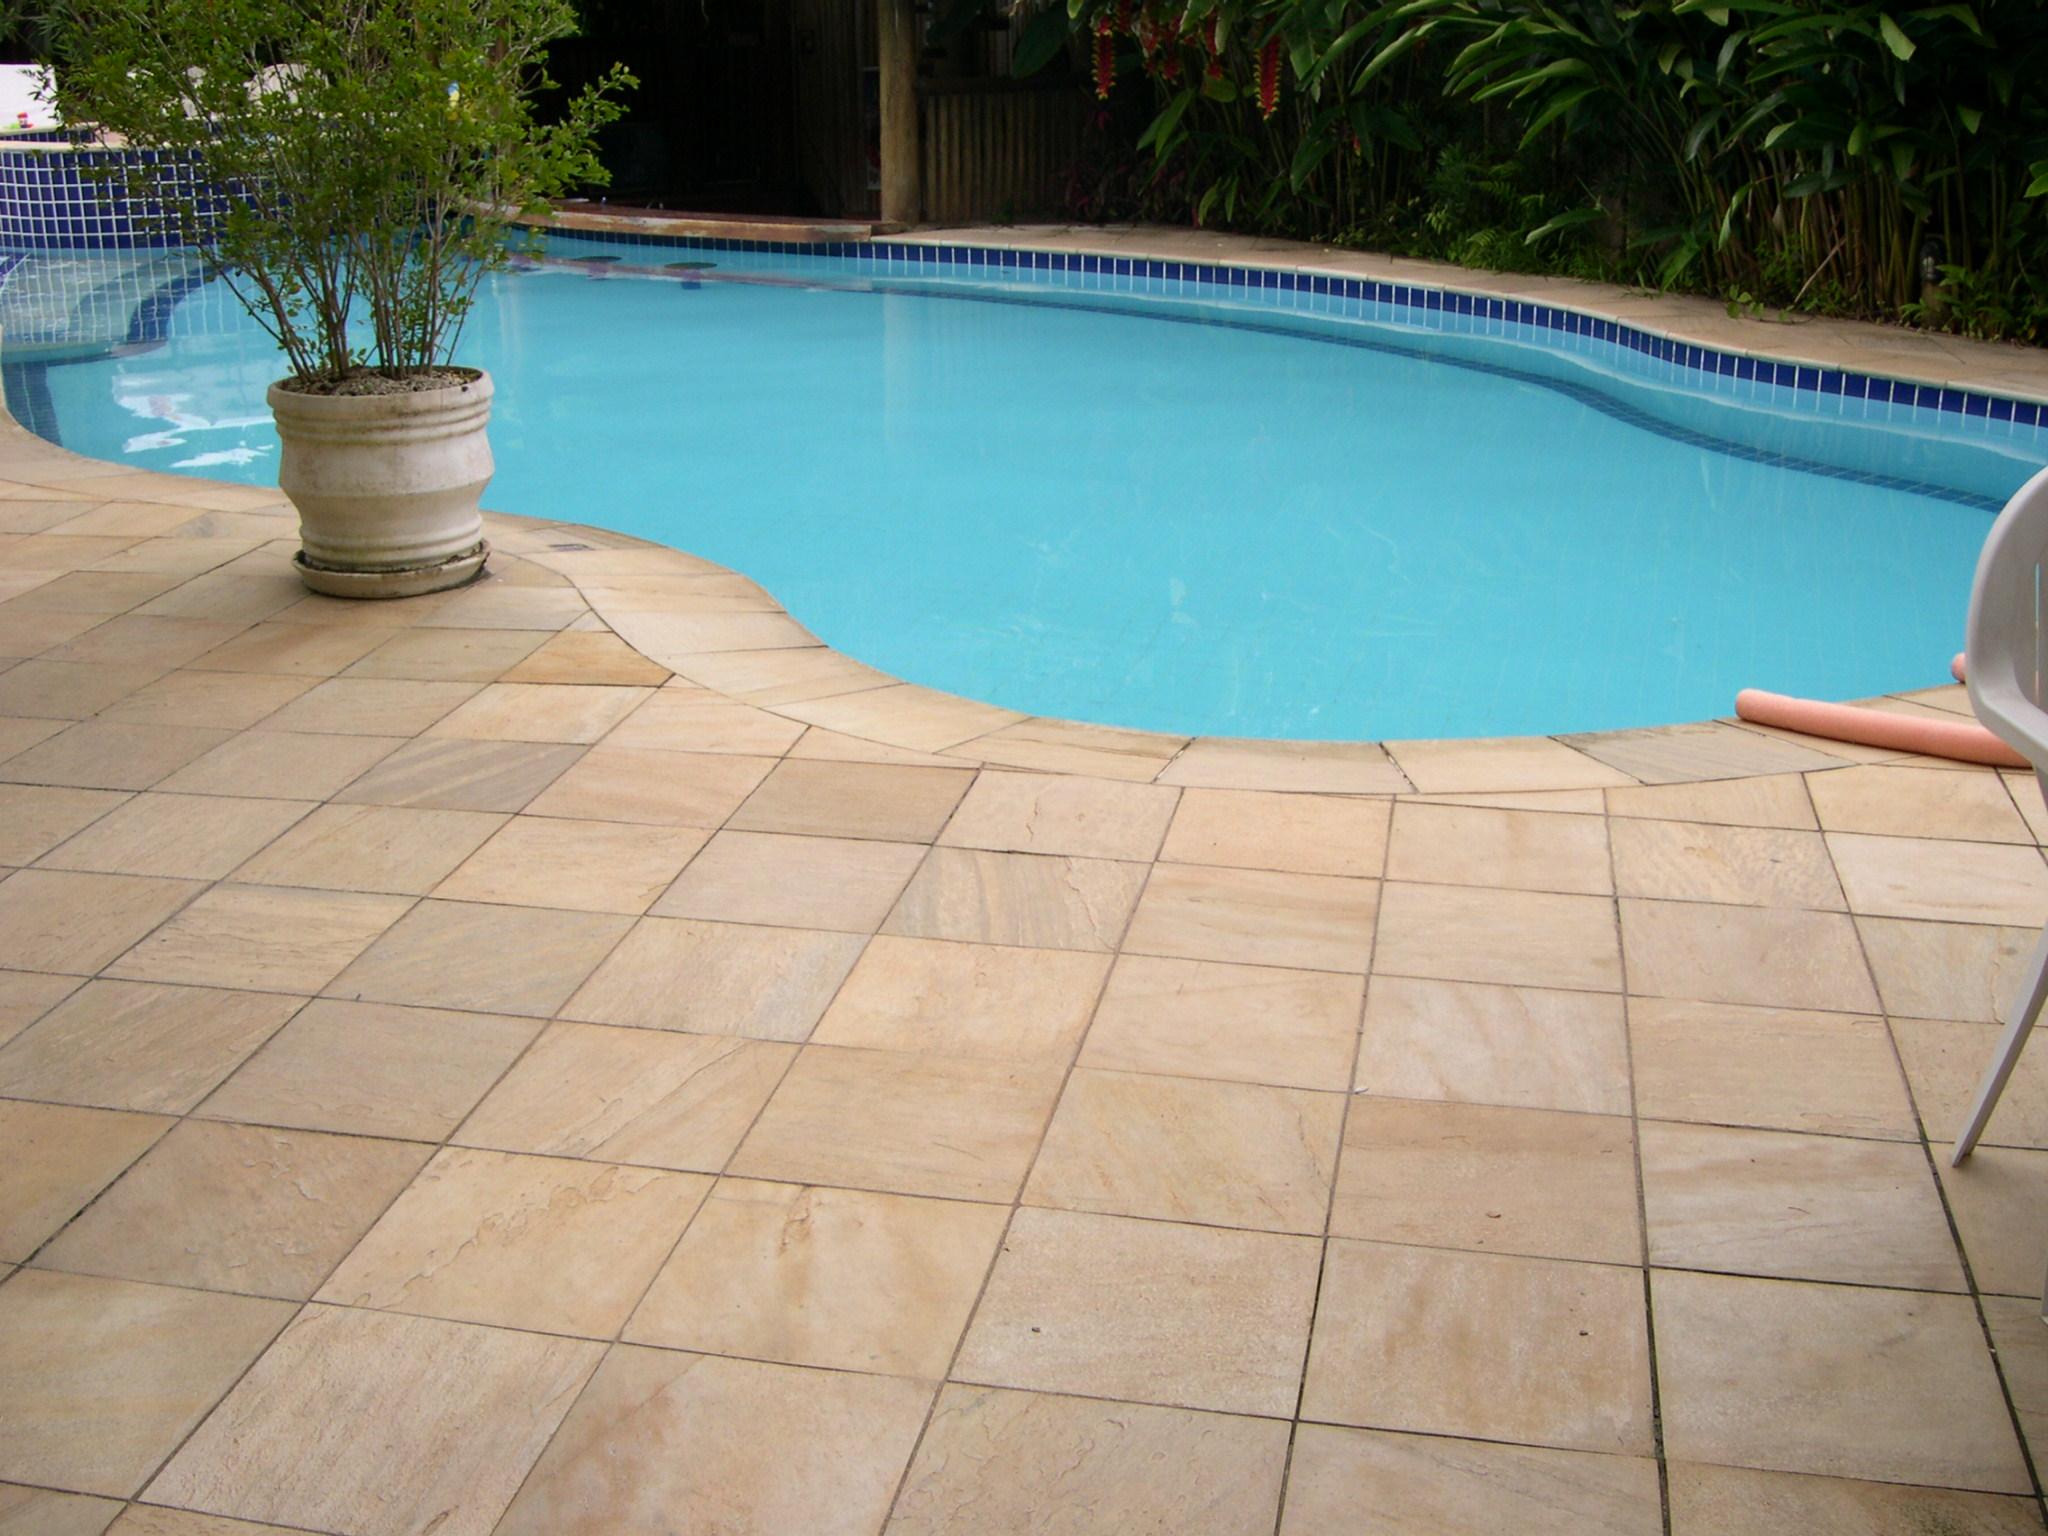 piscina pedra quartzito (05)